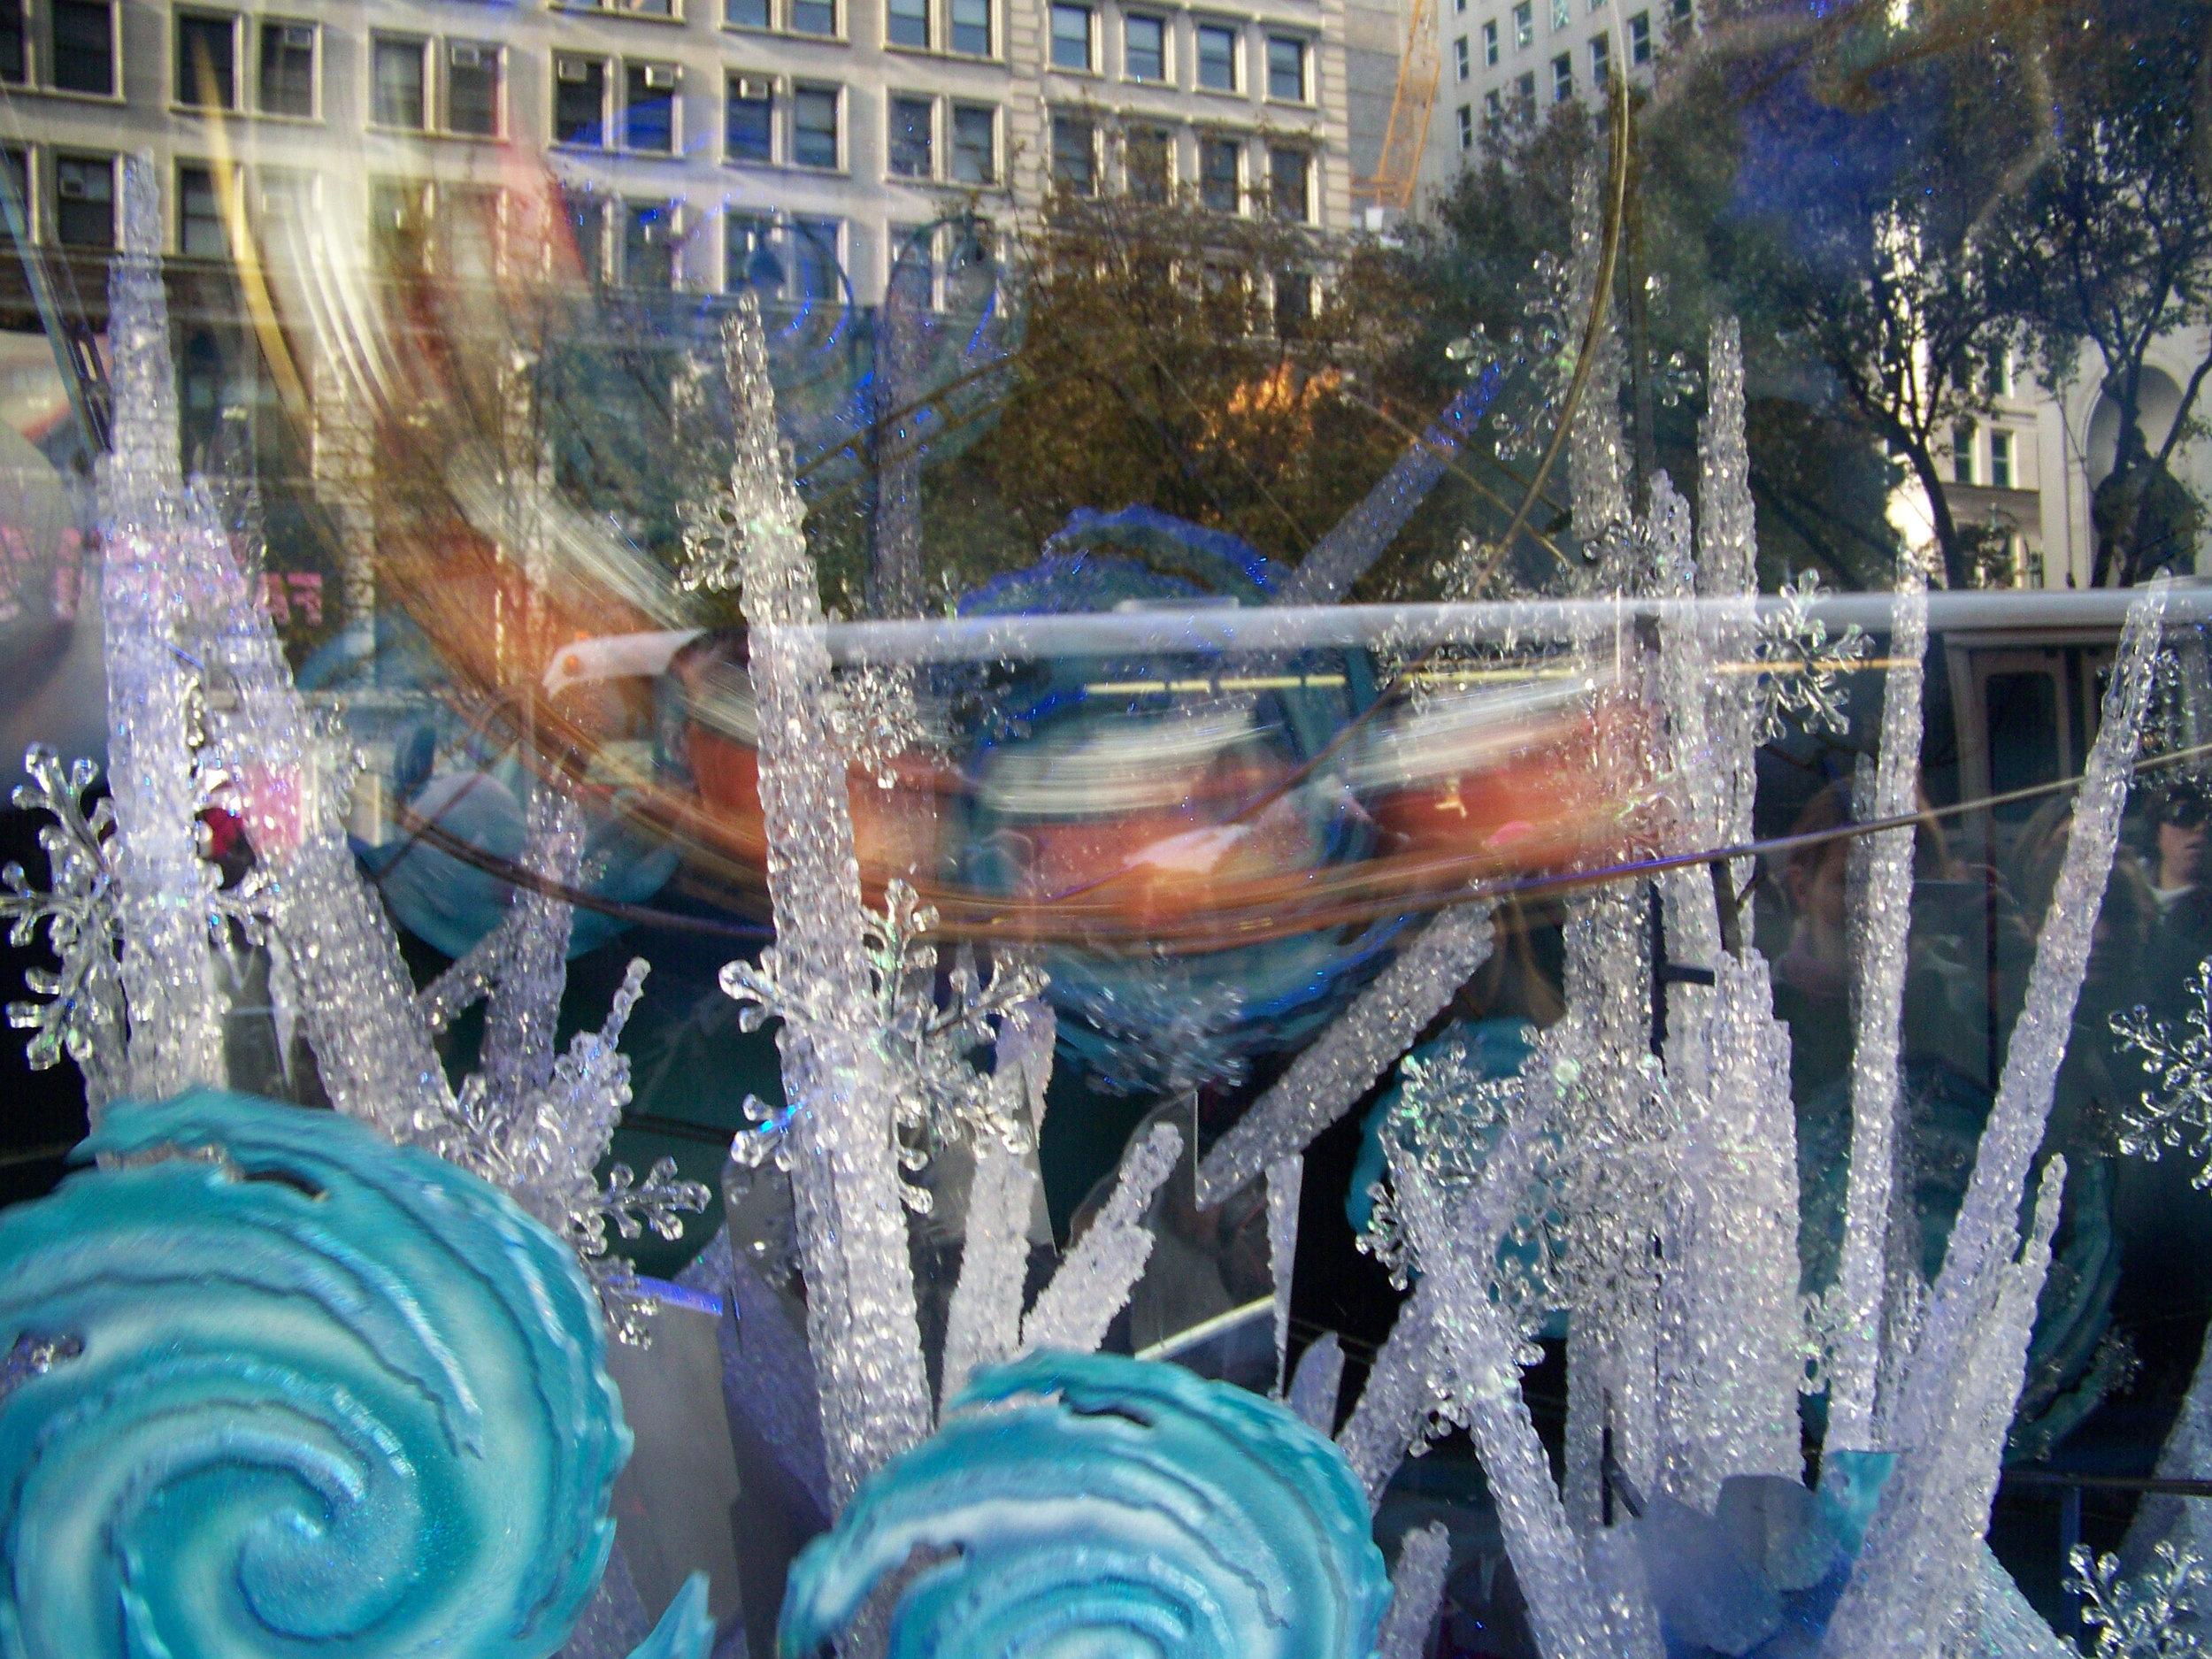 Macy's Christmas Window, 2007